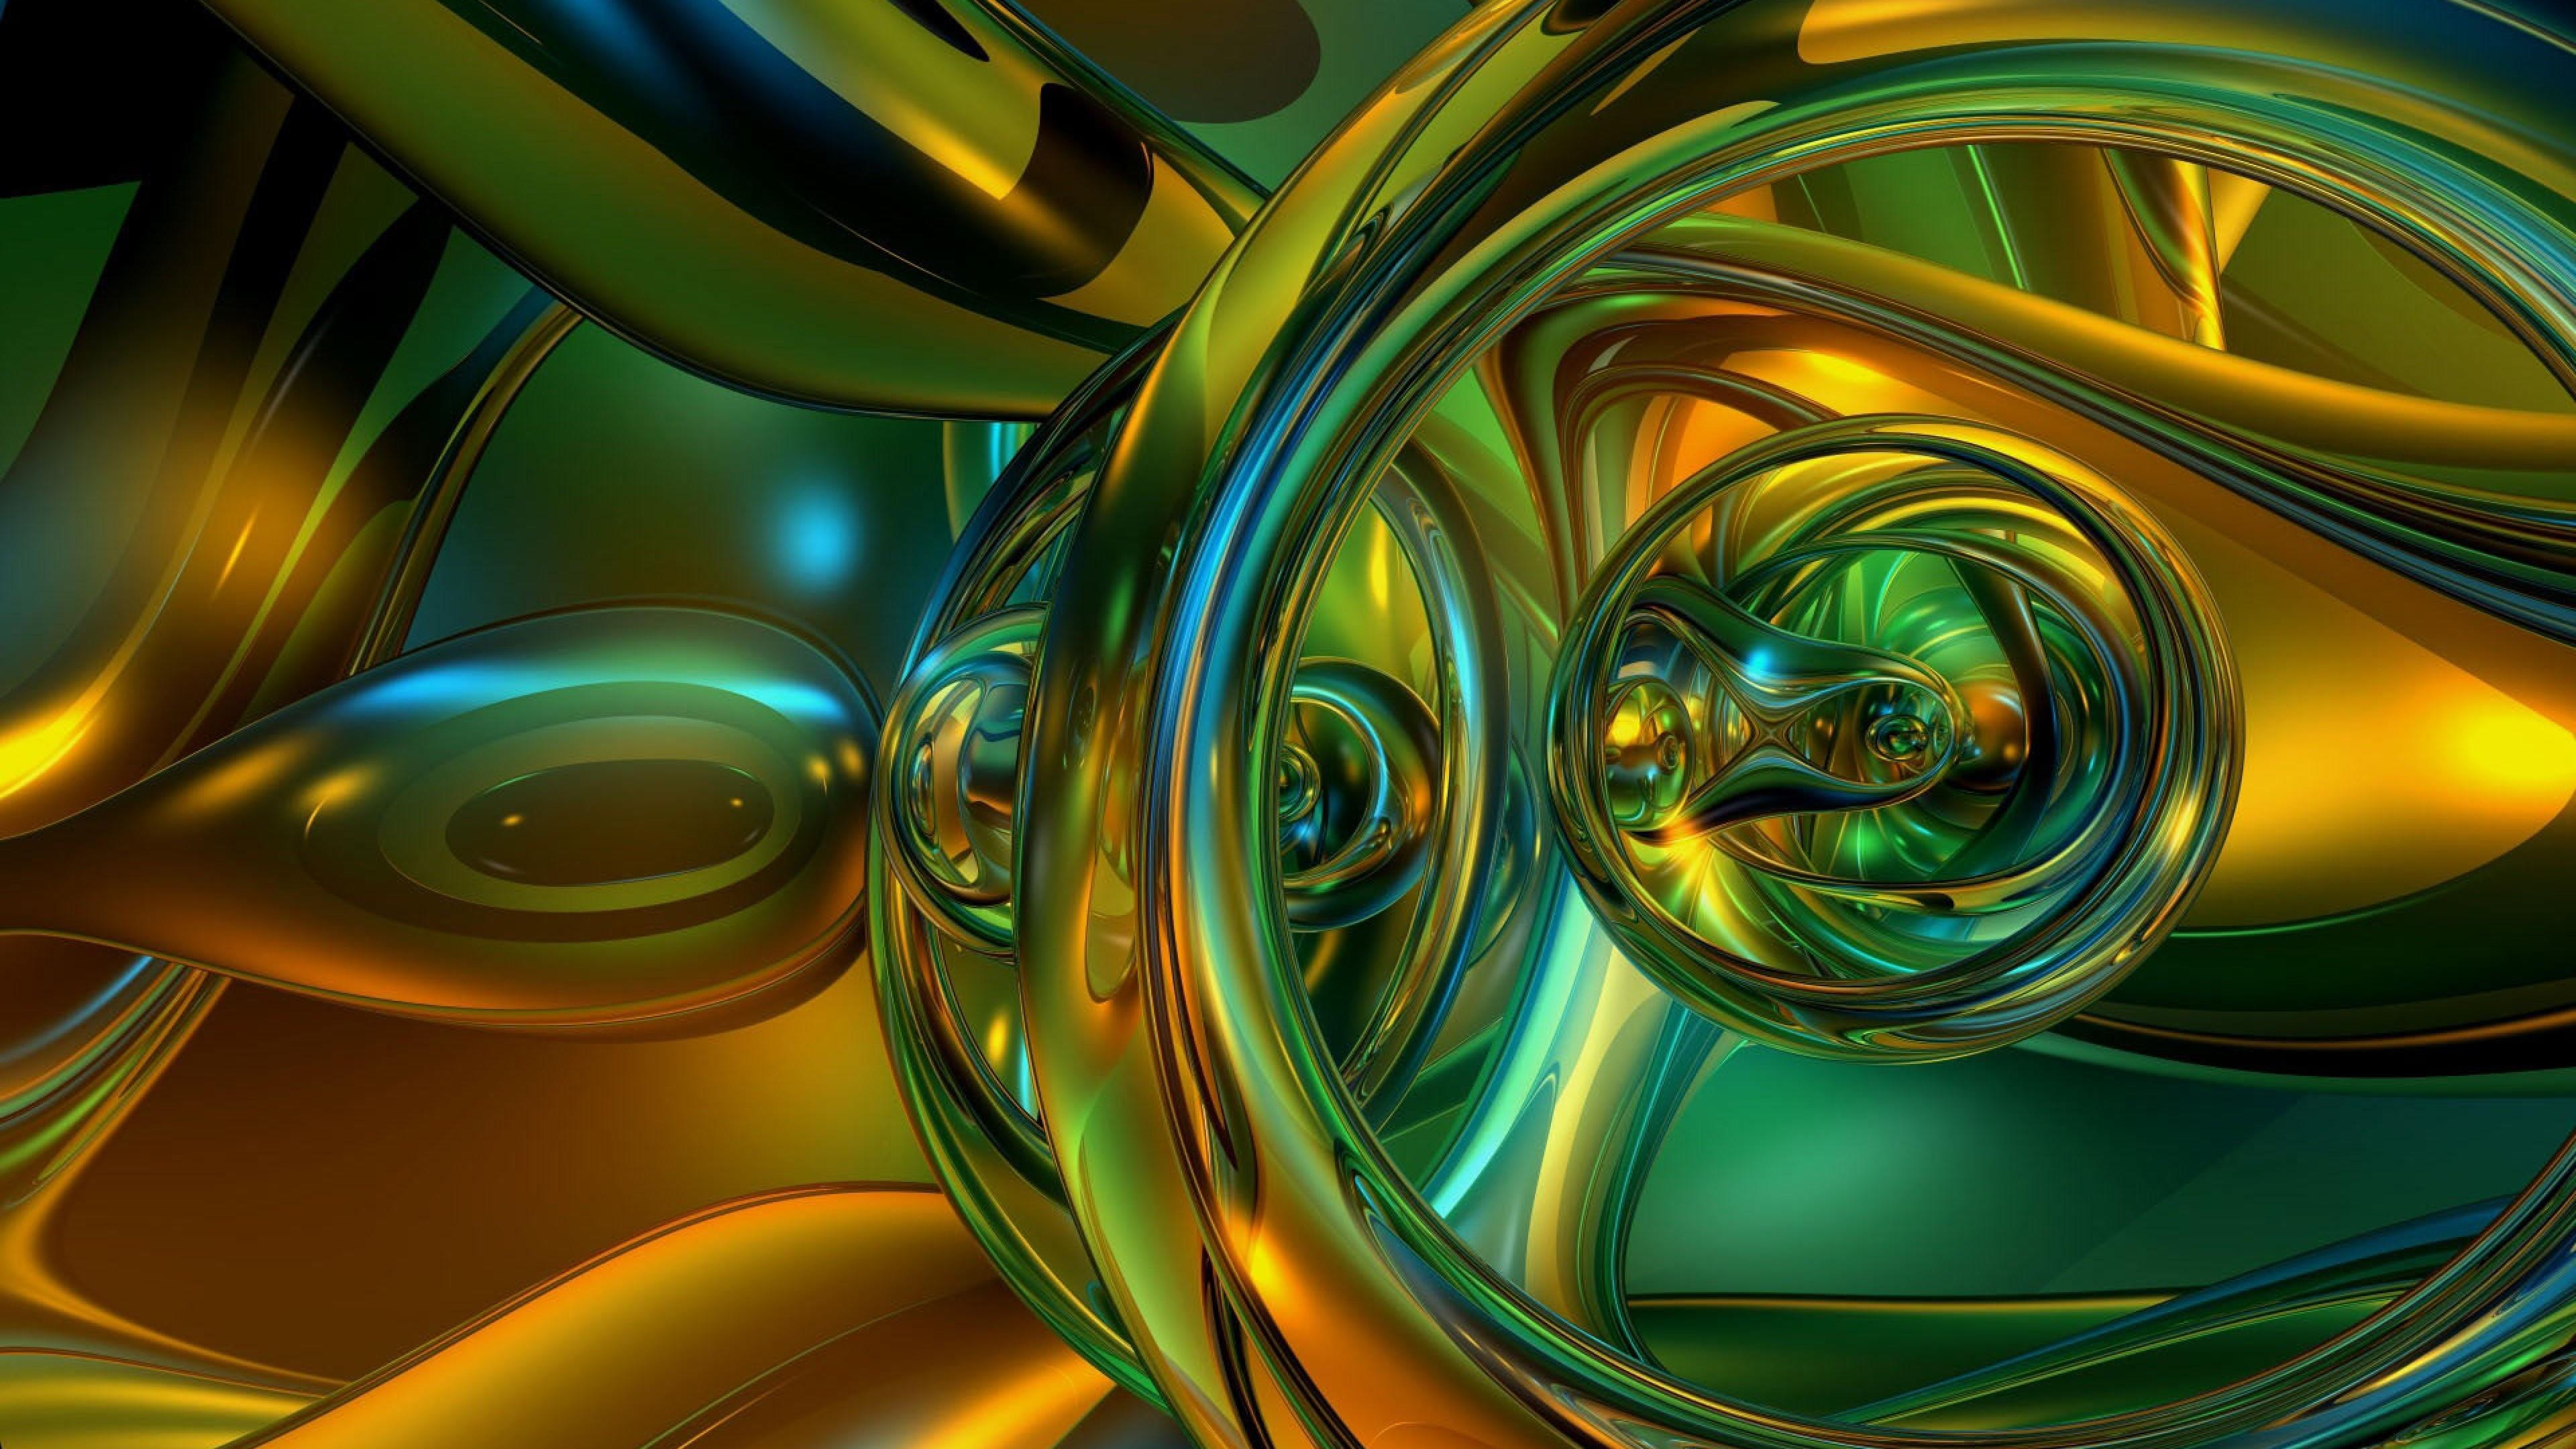 3D liquid digital art wallpaper